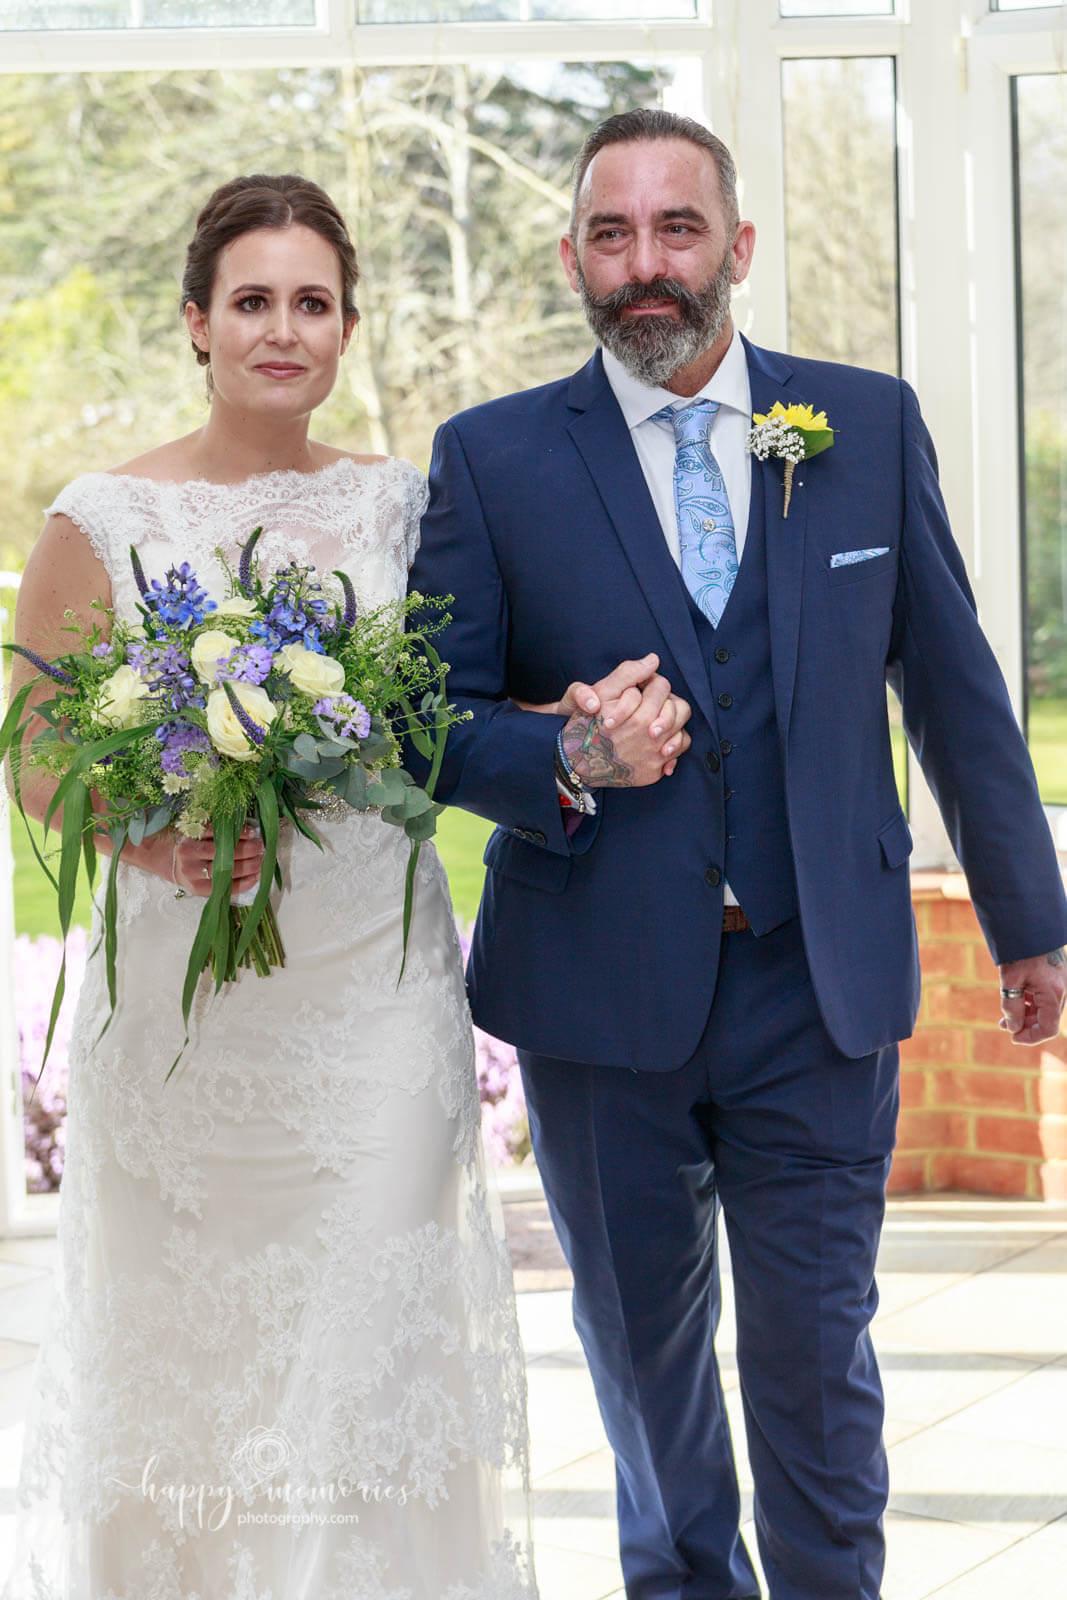 Wedding photographer Crawley-25